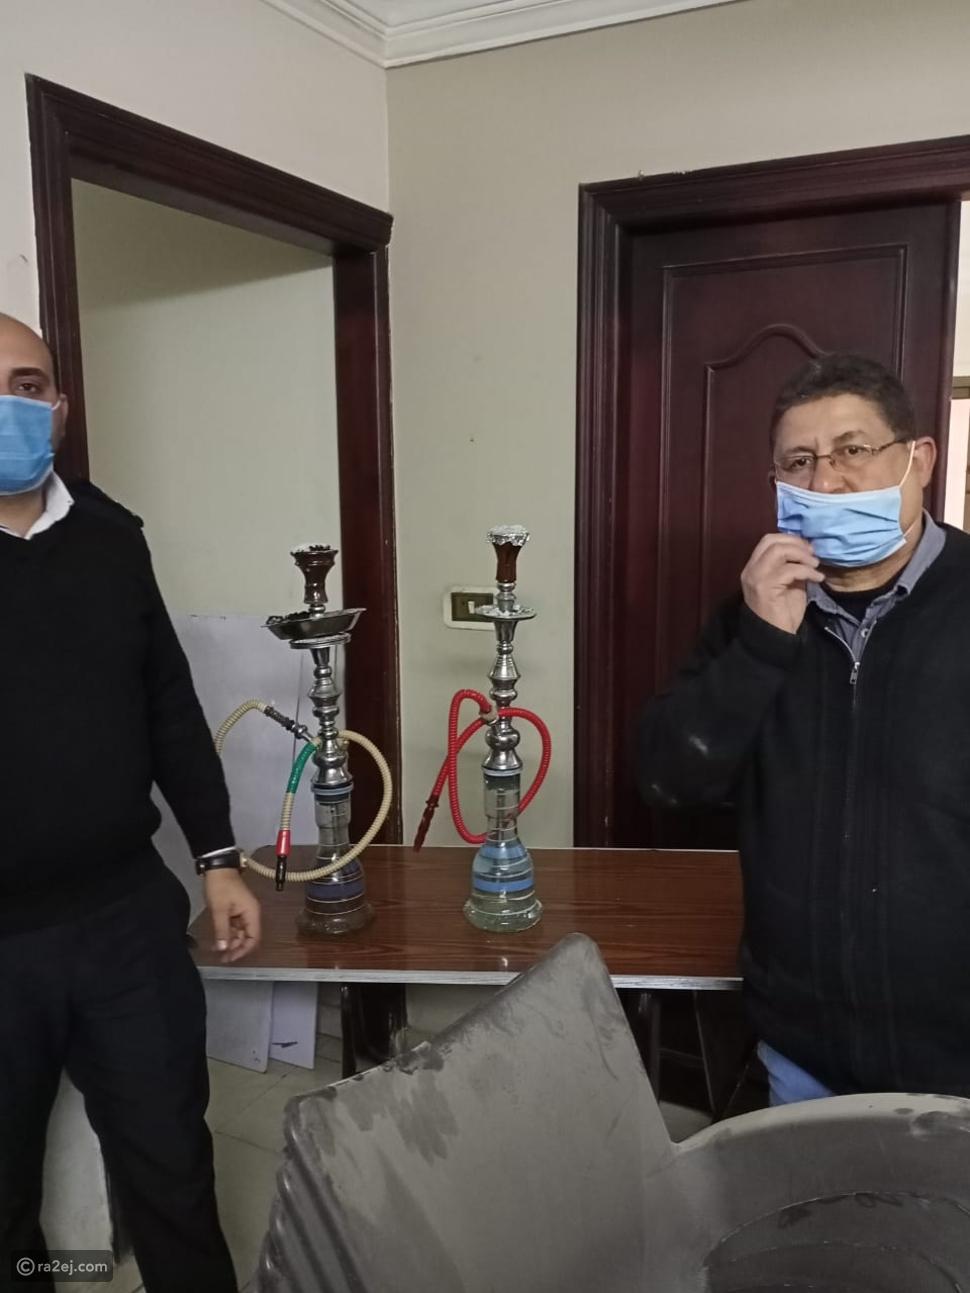 مركز تعليمي يثير الغضب على السوشيال ميديا في مصر: ماعلاقة الشيشة؟